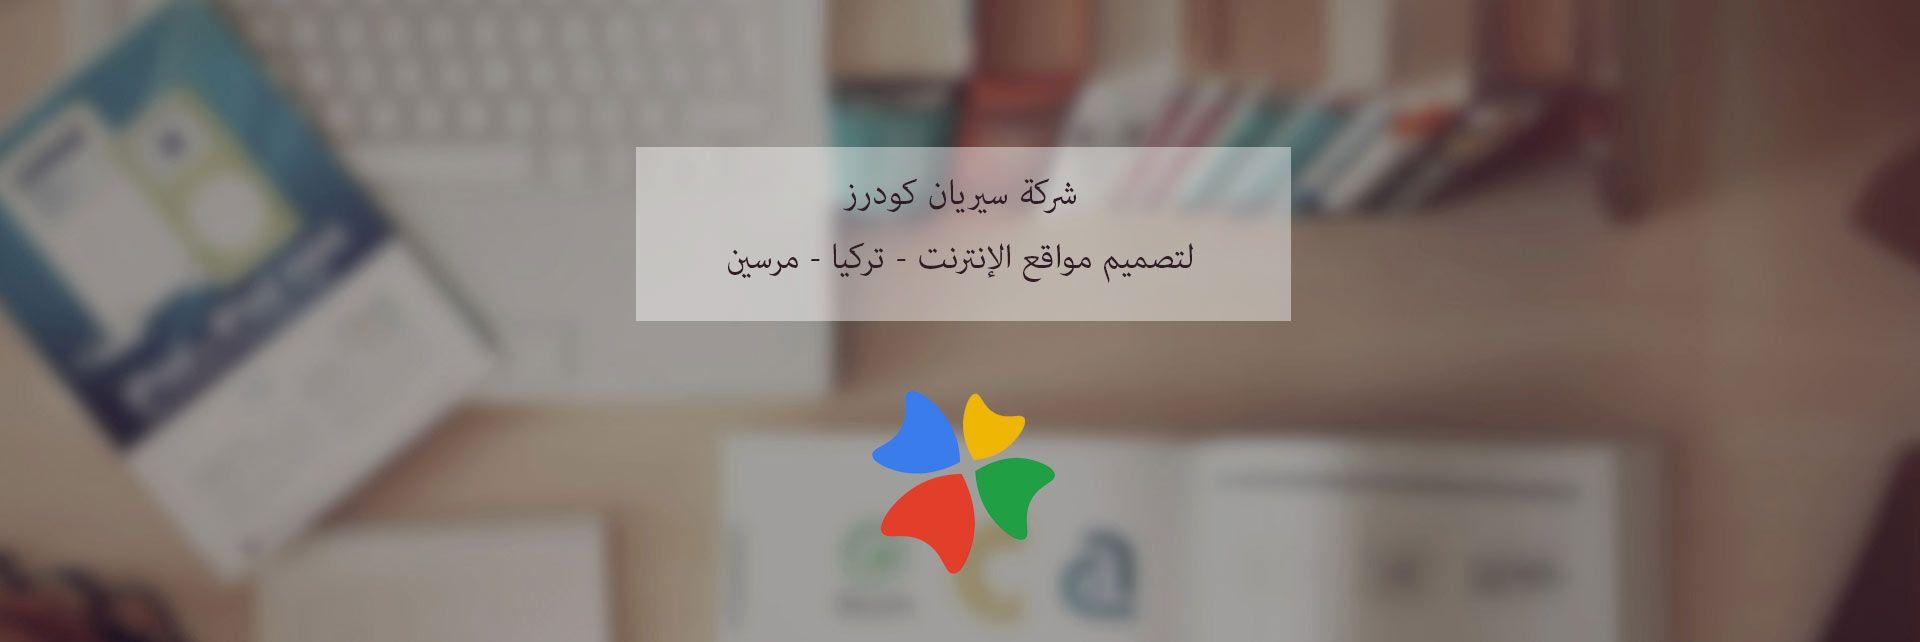 تصميم مواقع مرسين